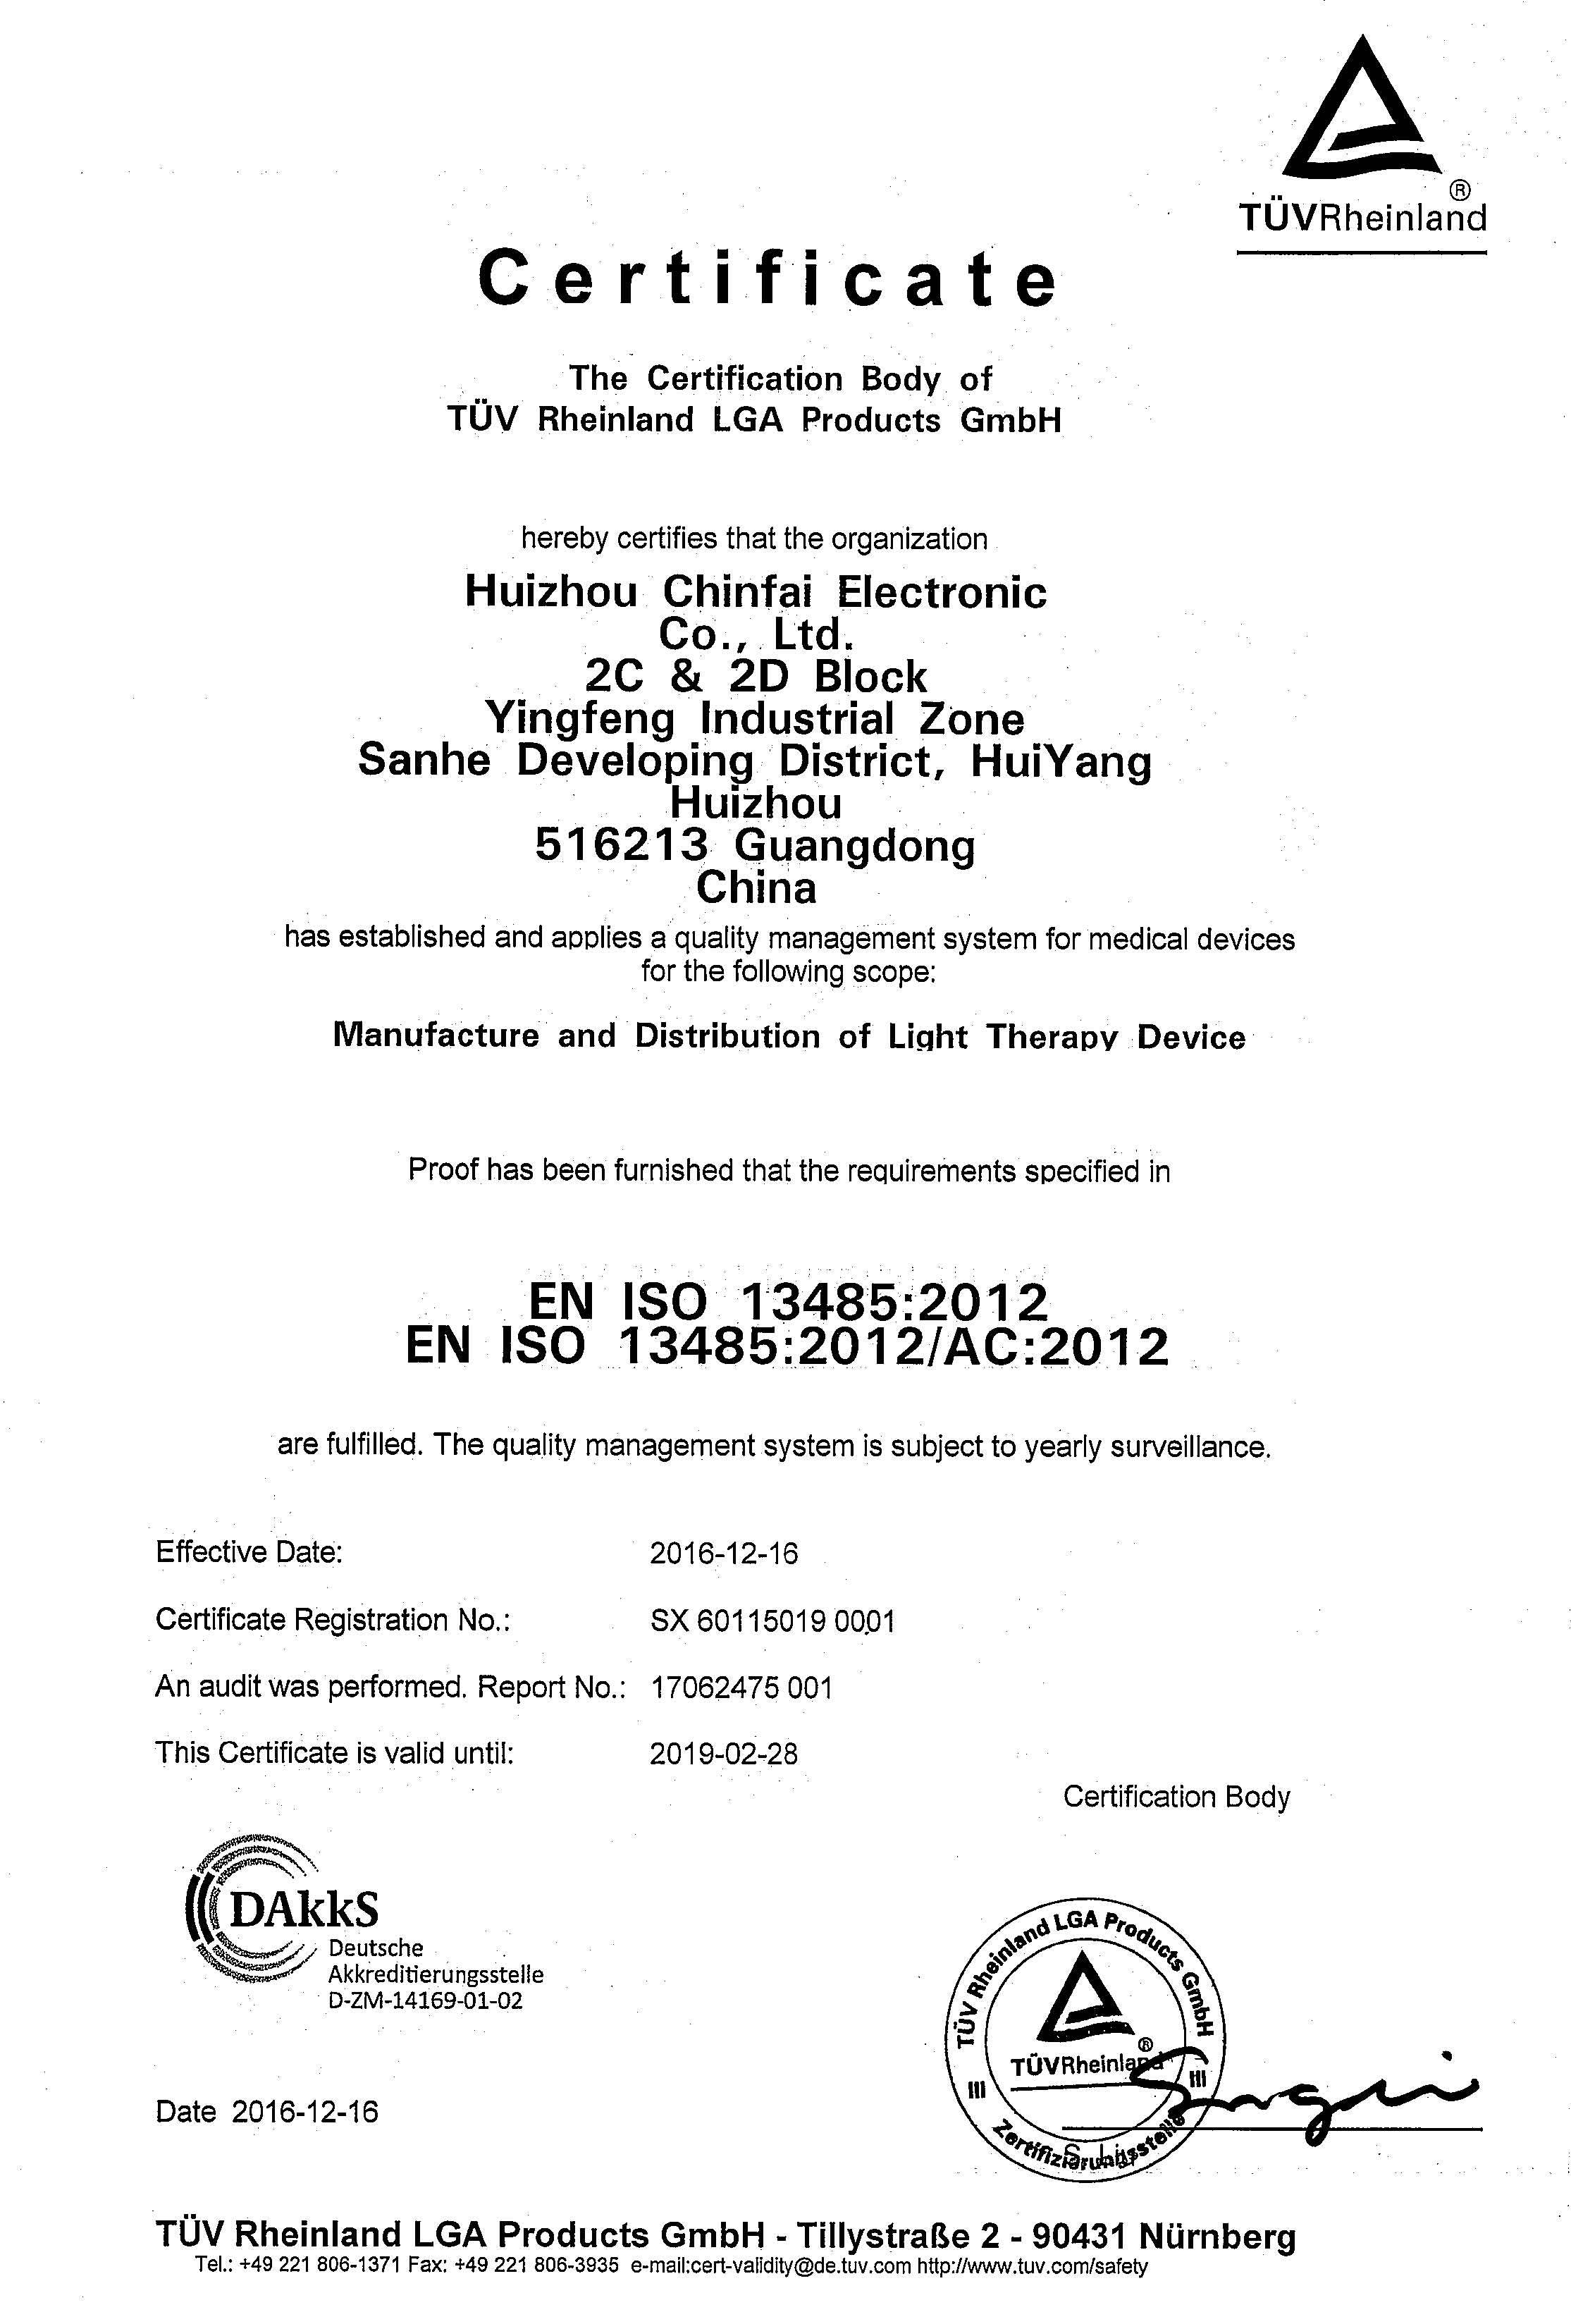 <span>EN ISO 13485:2012</span>